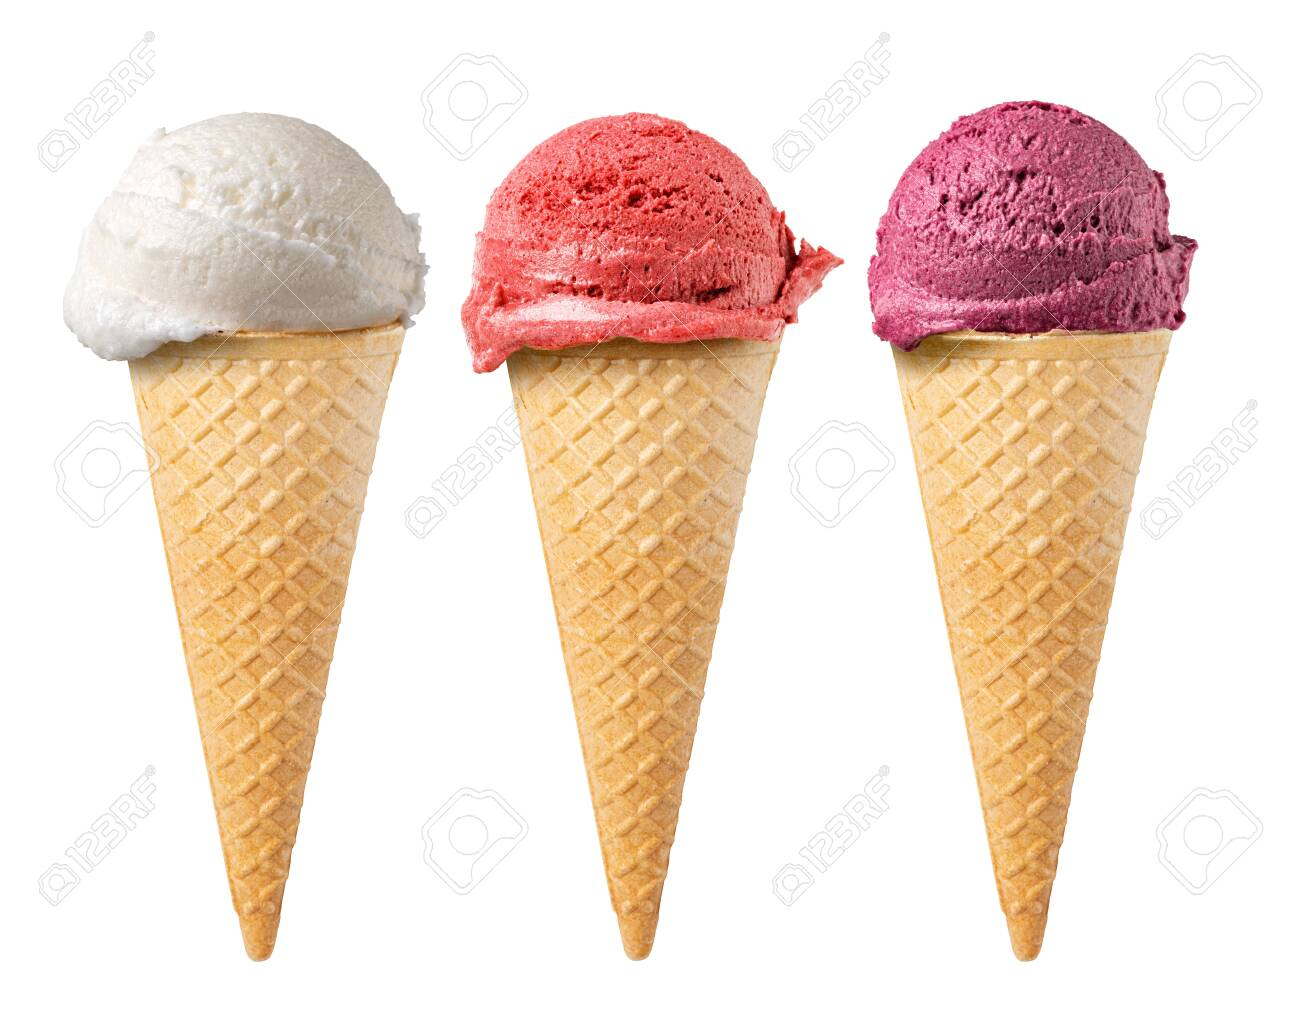 set of ice cream waffle cone isolated on white background - 149200474